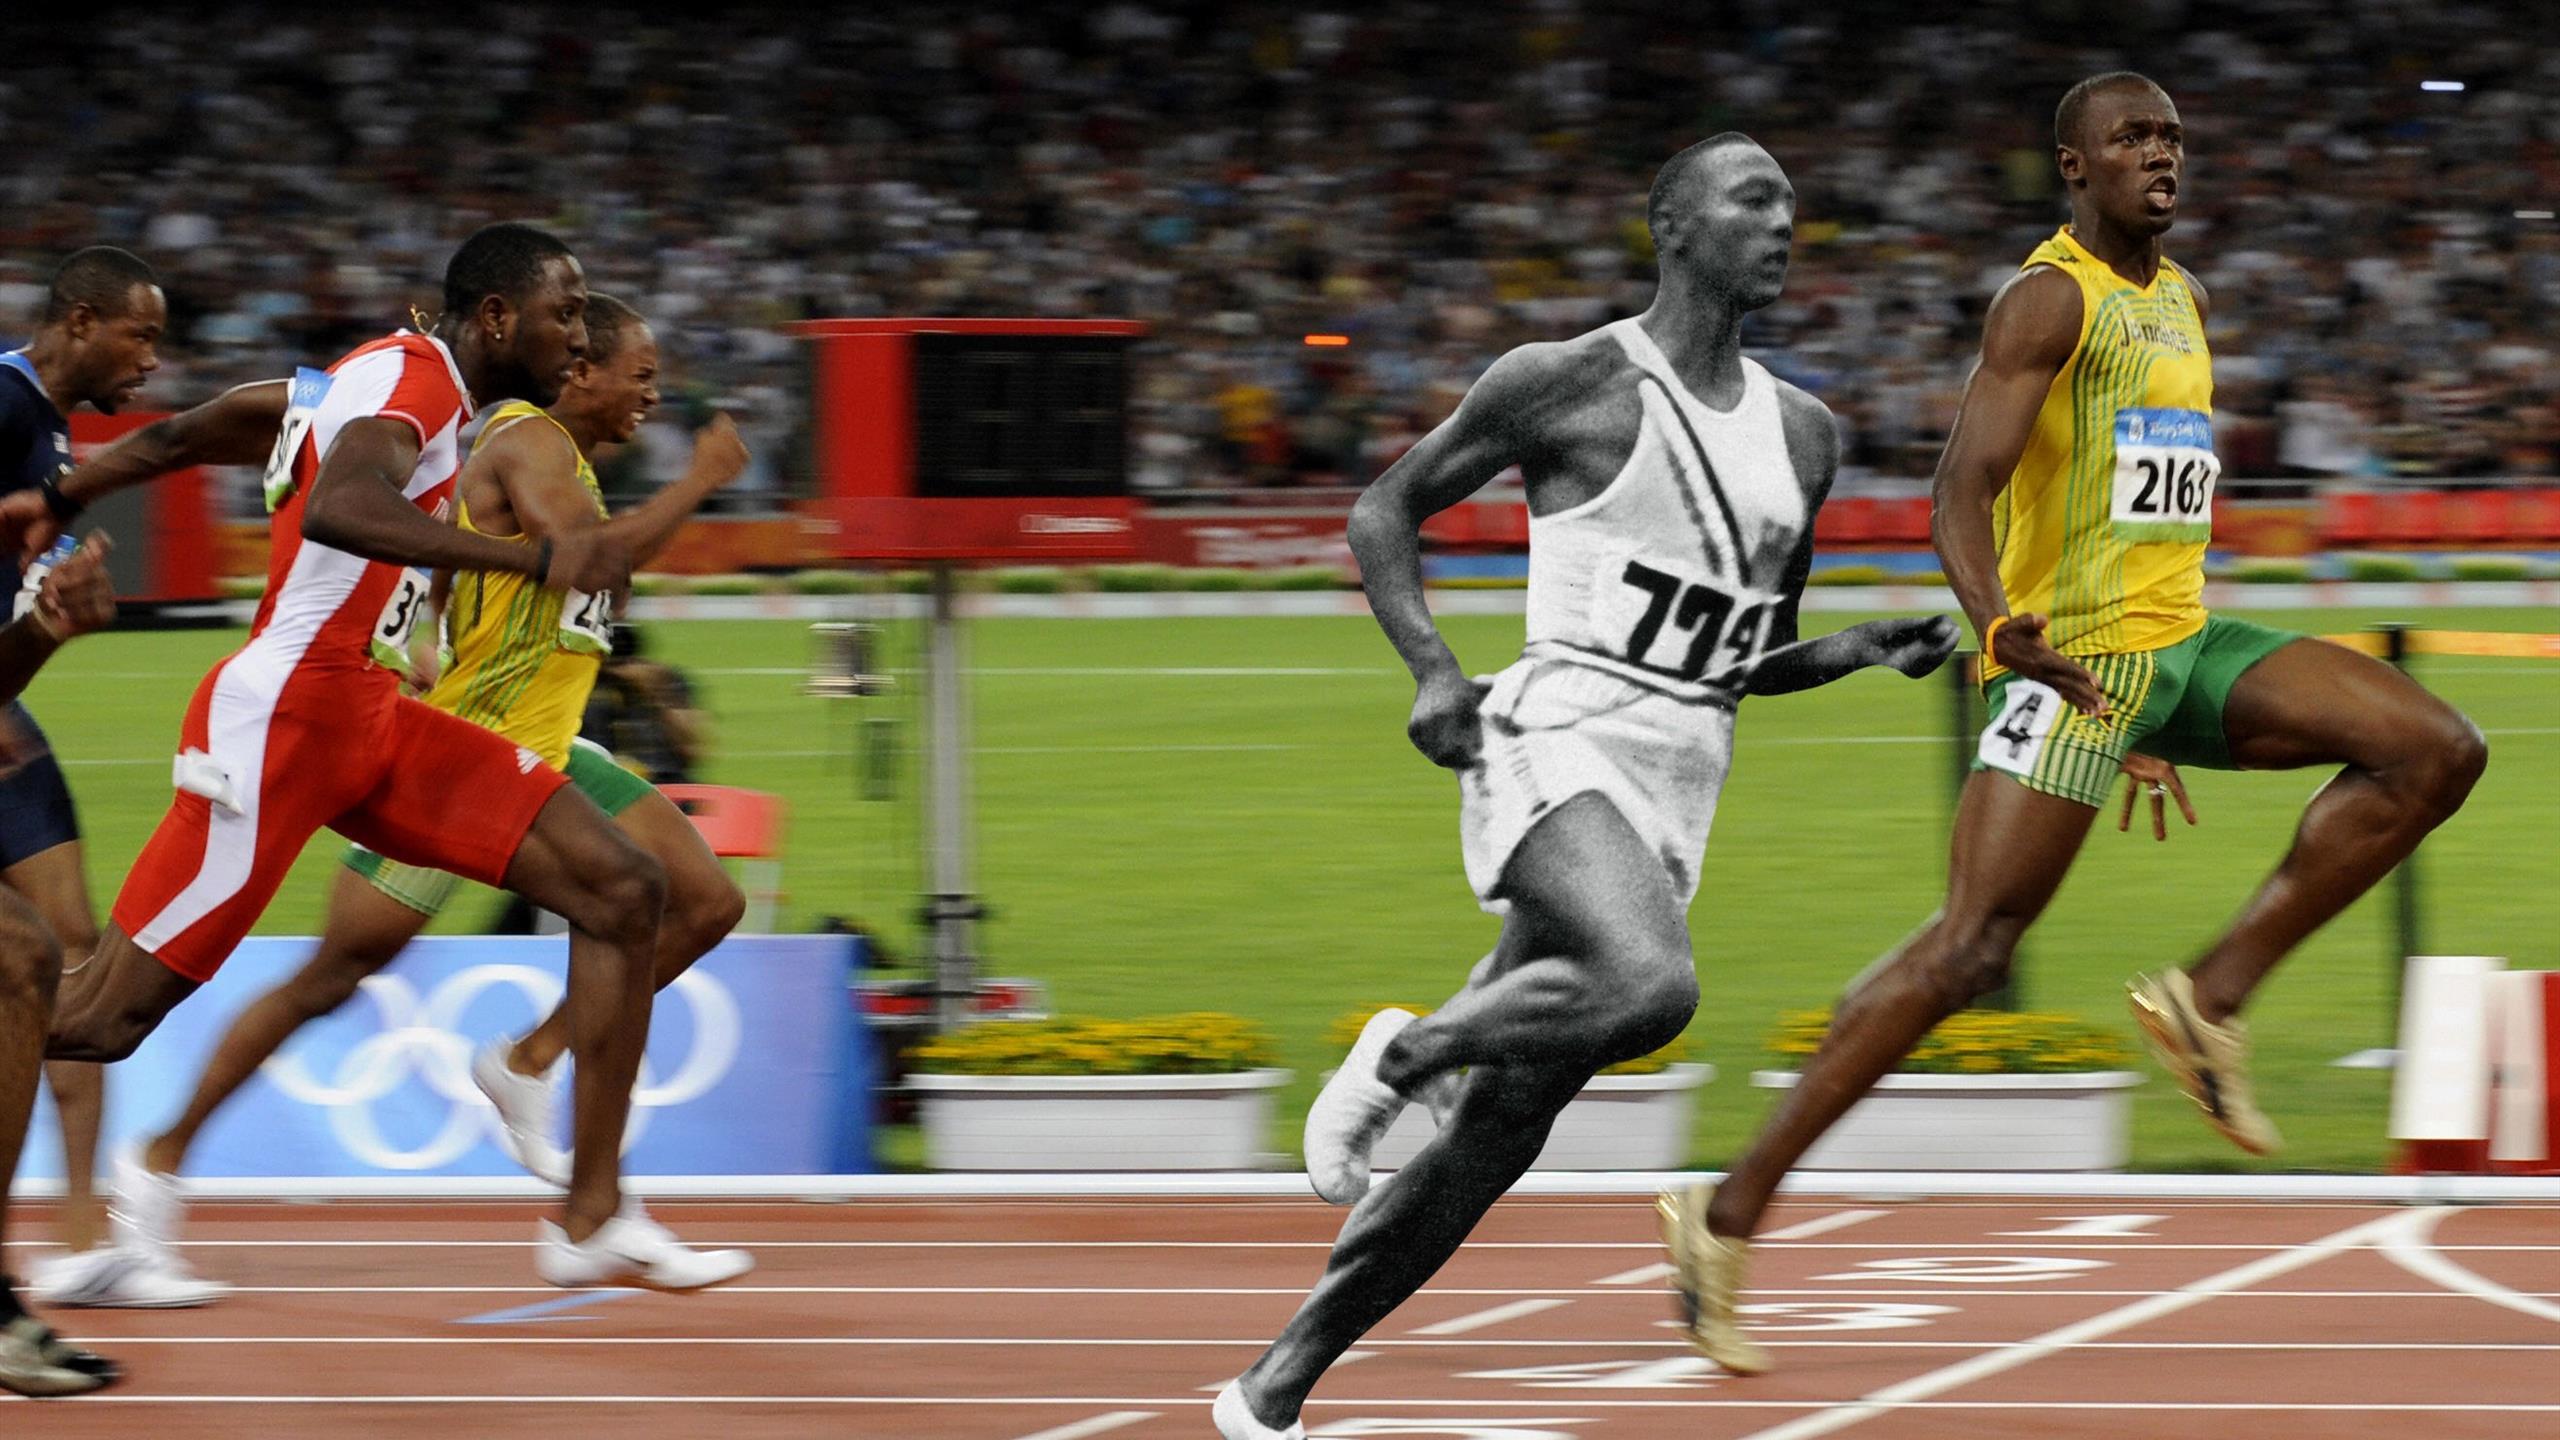 La grande finale : Bolt ou Owens ? Votez pour le moment le plus marquant de l'histoire des JO